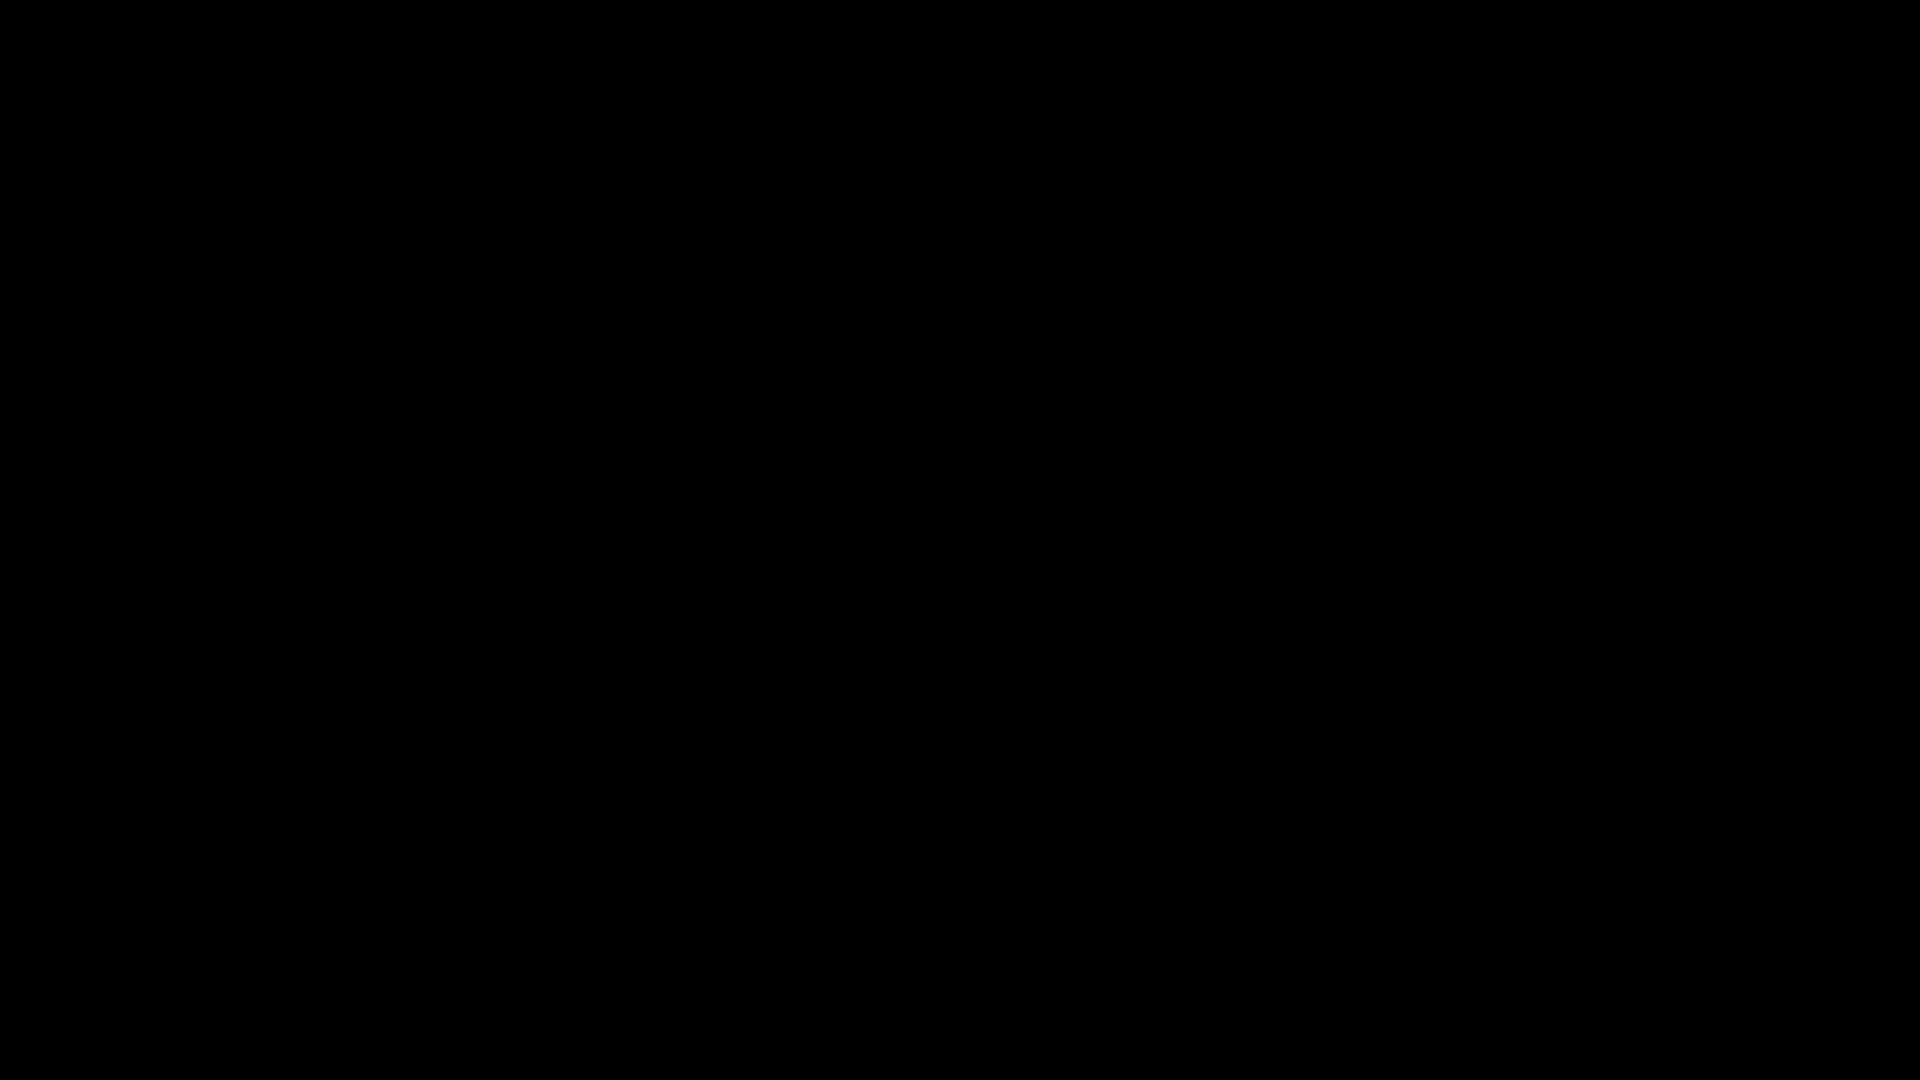 黒のバーチャル背景